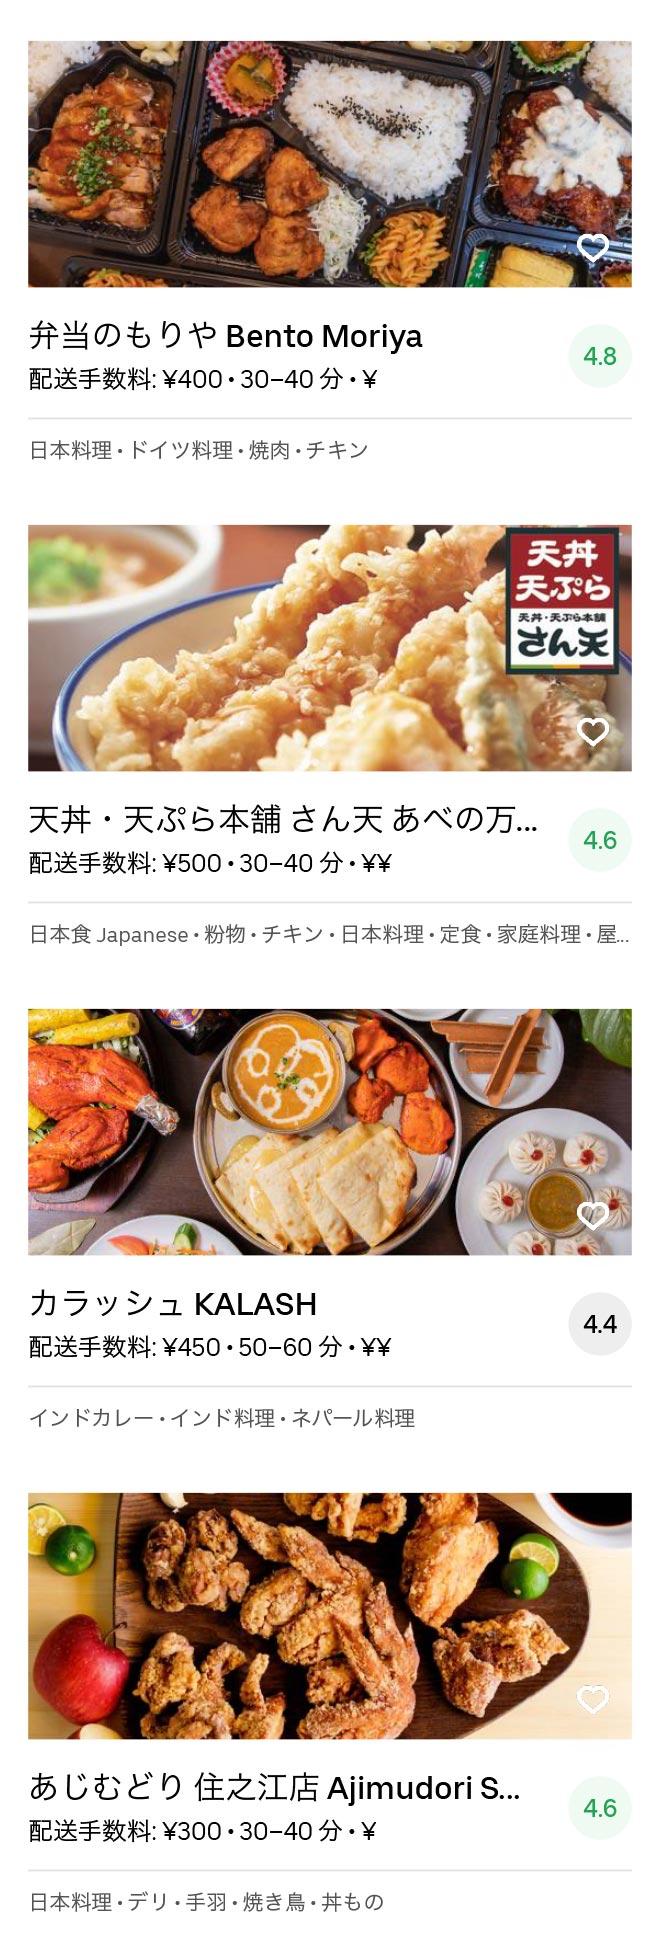 Sakai sakai higashi menu 2005 08